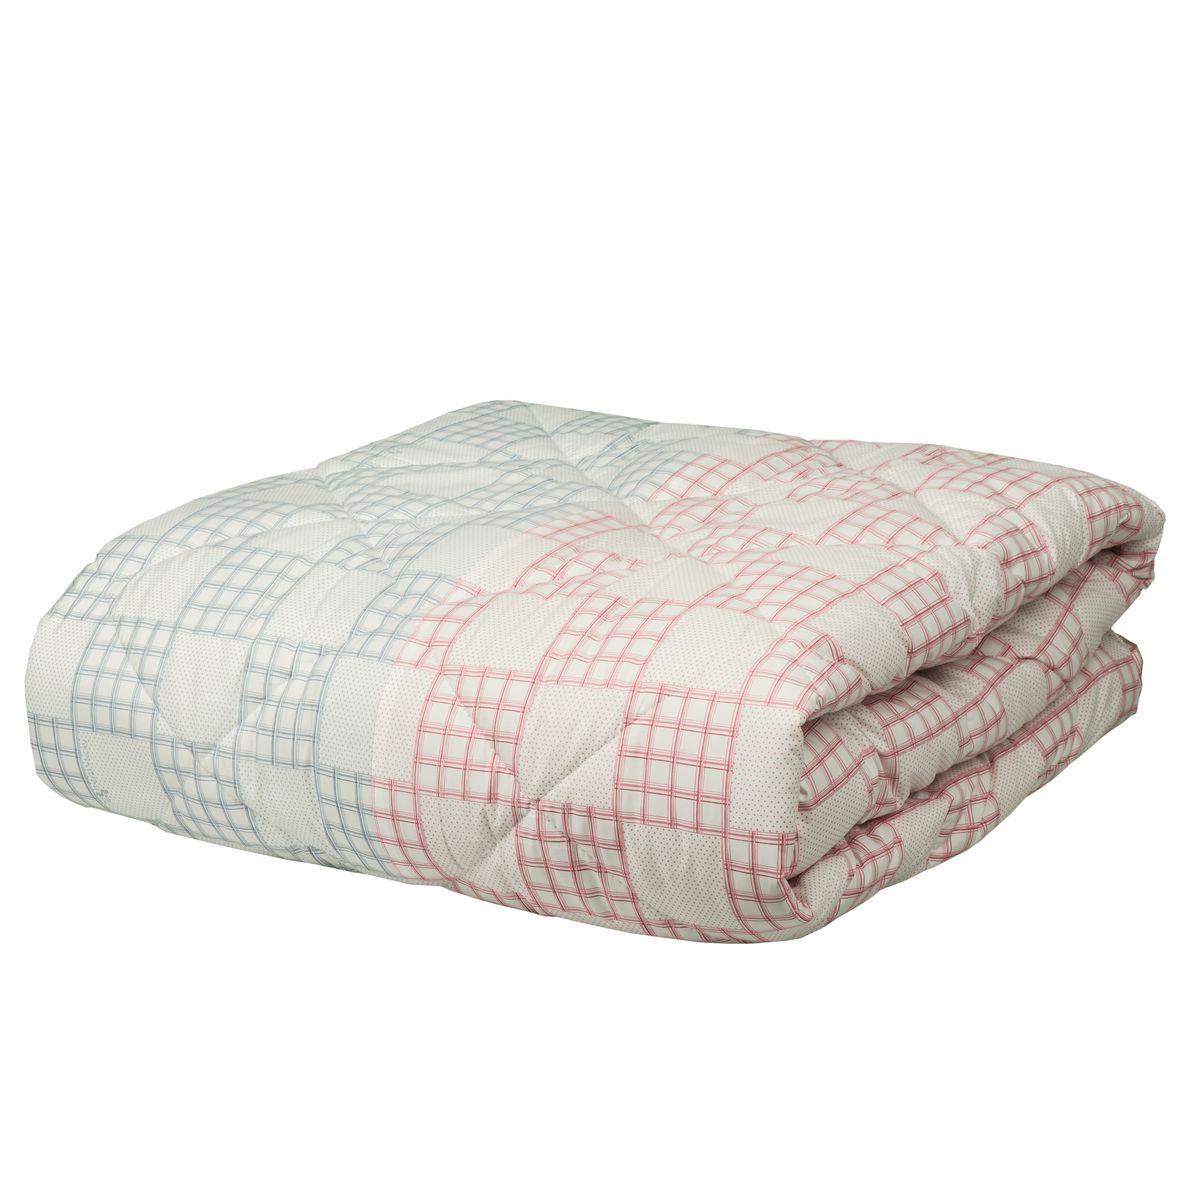 Одеяло Mona Liza Chalet Climat Control, цвет: серый, розовый, 140 х 200 см539937/1Одеяло Mona Liza Chalet Climat Control изготовлено из плотного тика, с отделочным кантом. Одновременно имеет две зоны температурного режима, поскольку наполнитель состоит из двух частей: одна половина изделия более теплая, содержит волокна натуральной шерсти, а вторая половина одеяла прохладная - так как наполнена натуральными растительными волокнами. Такое одеяло сделает спальное место уютным и подарит ощущение комфорта.